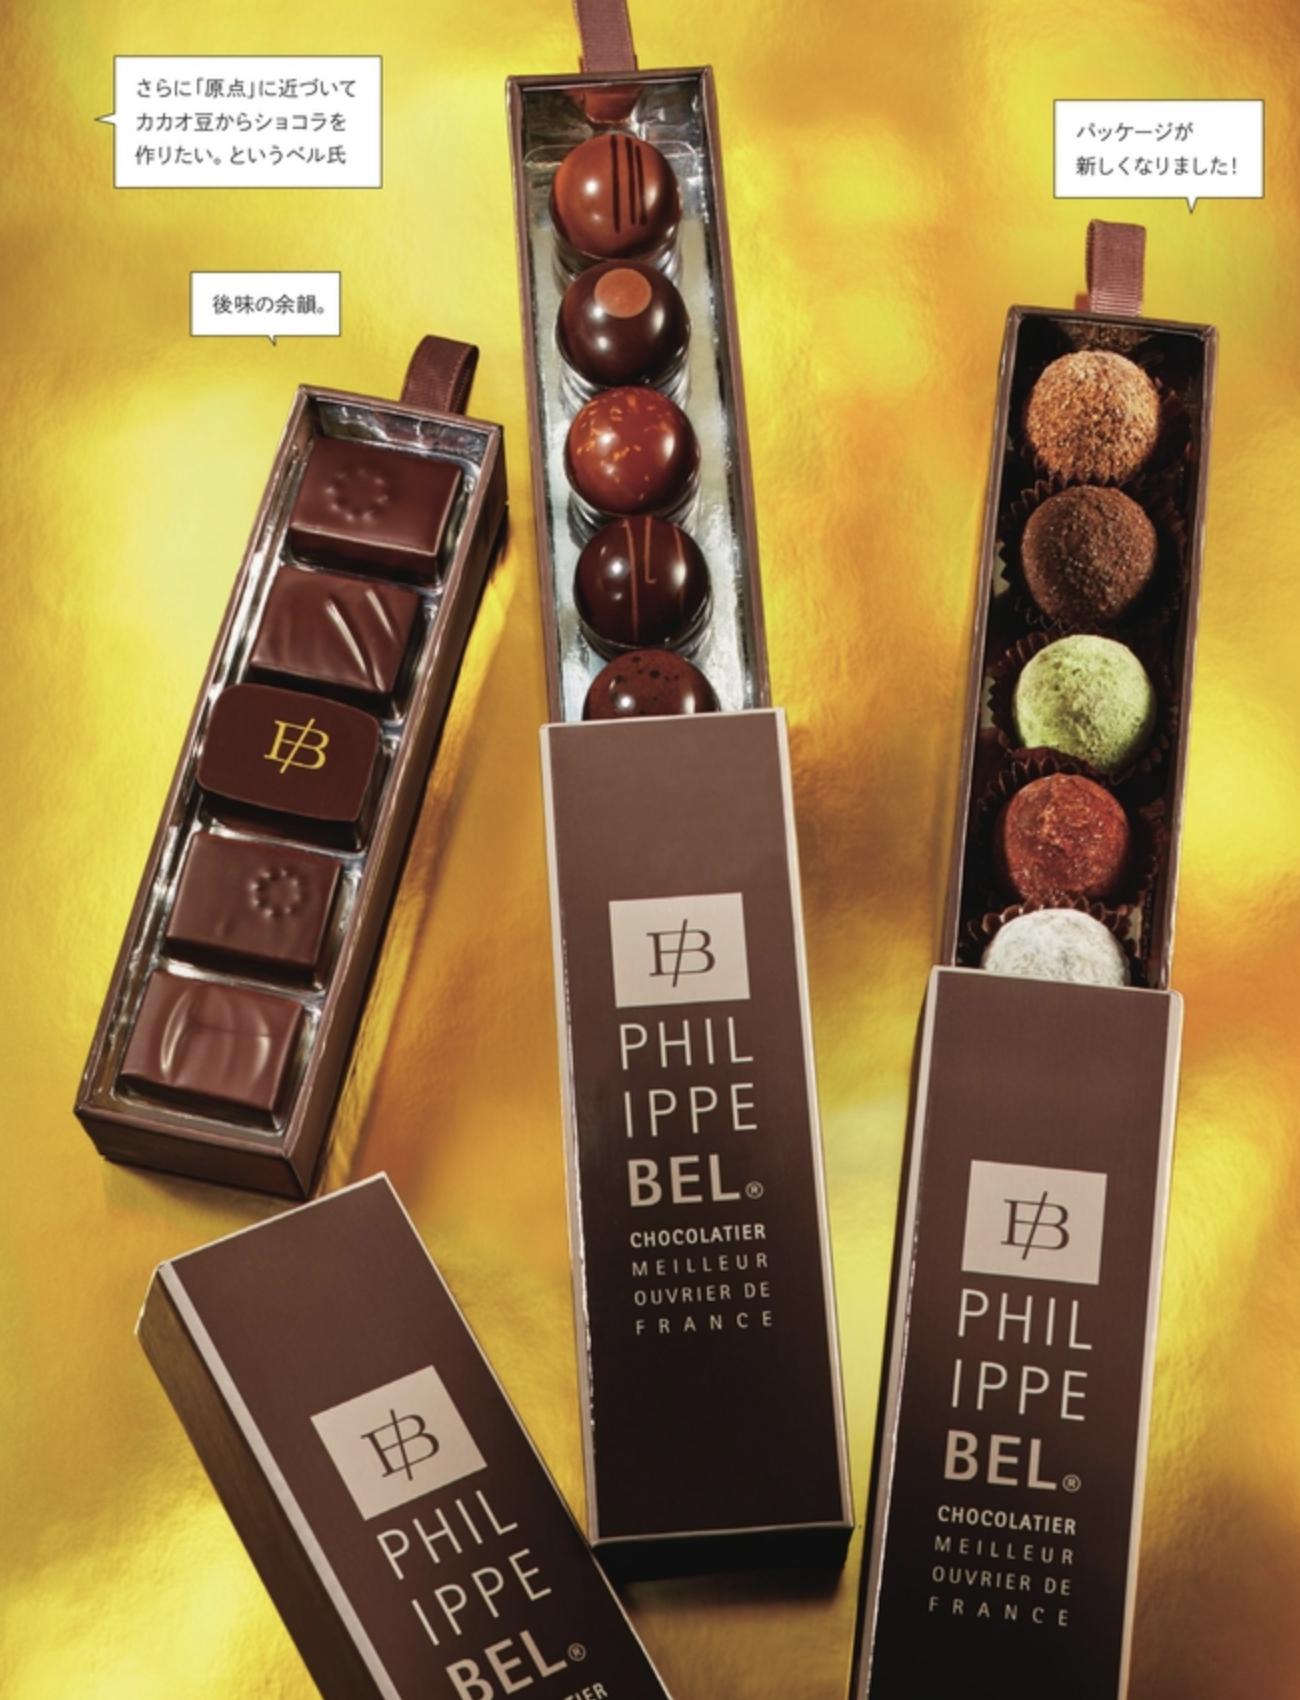 パリ発祥のショコラの祭典『サロン・デュ・ショコラ』で今年のバレンタインは決まり - img2